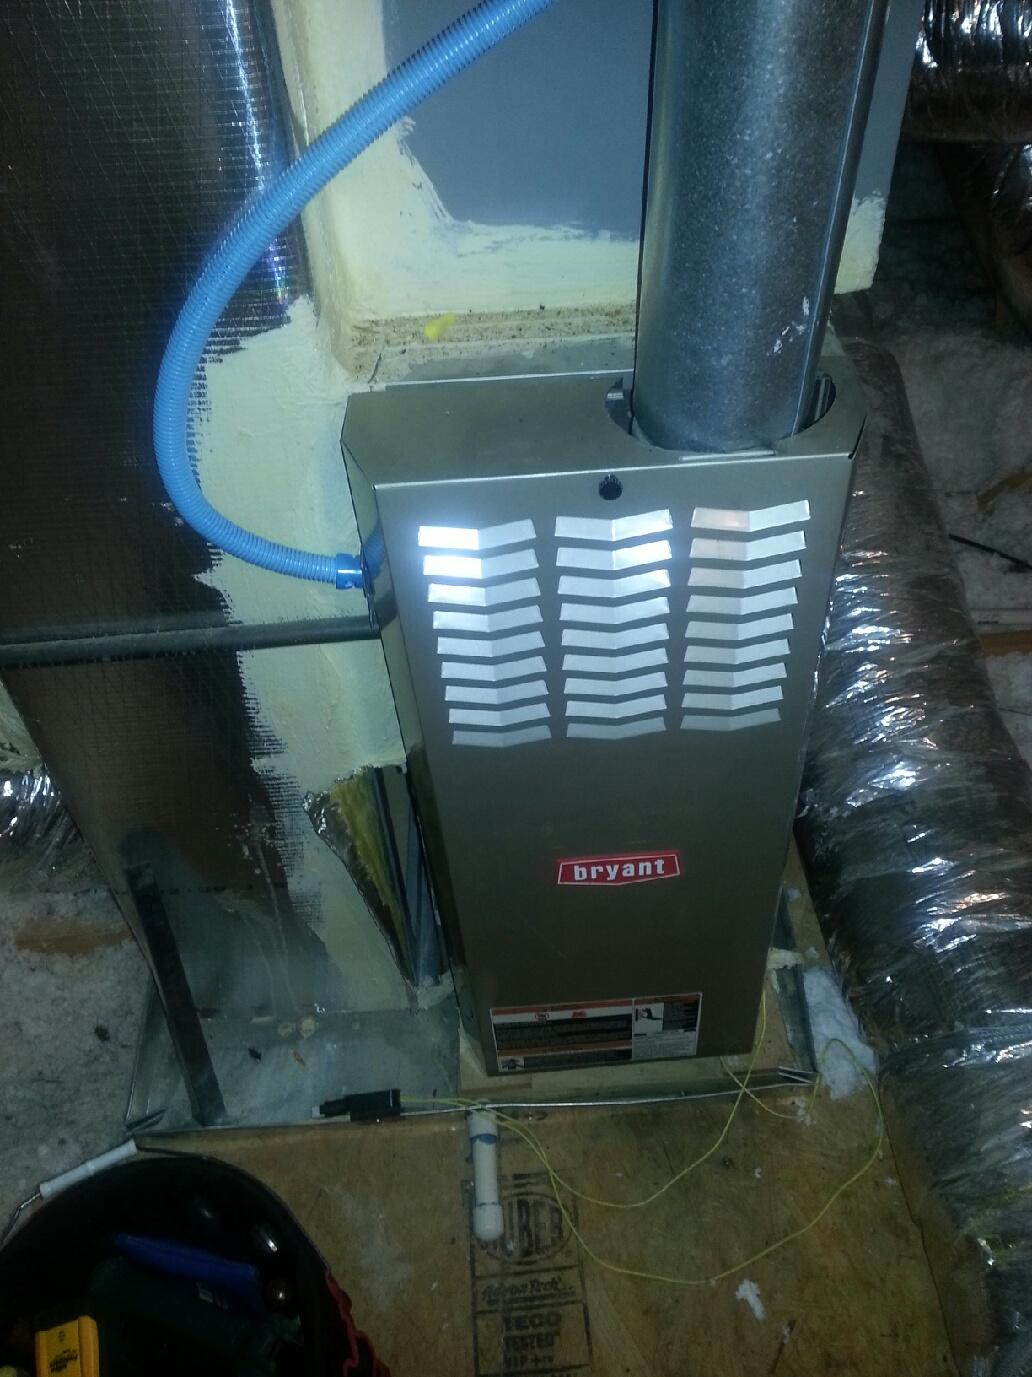 Mcdonough Ga Heating and air 7708754113: Furnace has been ...